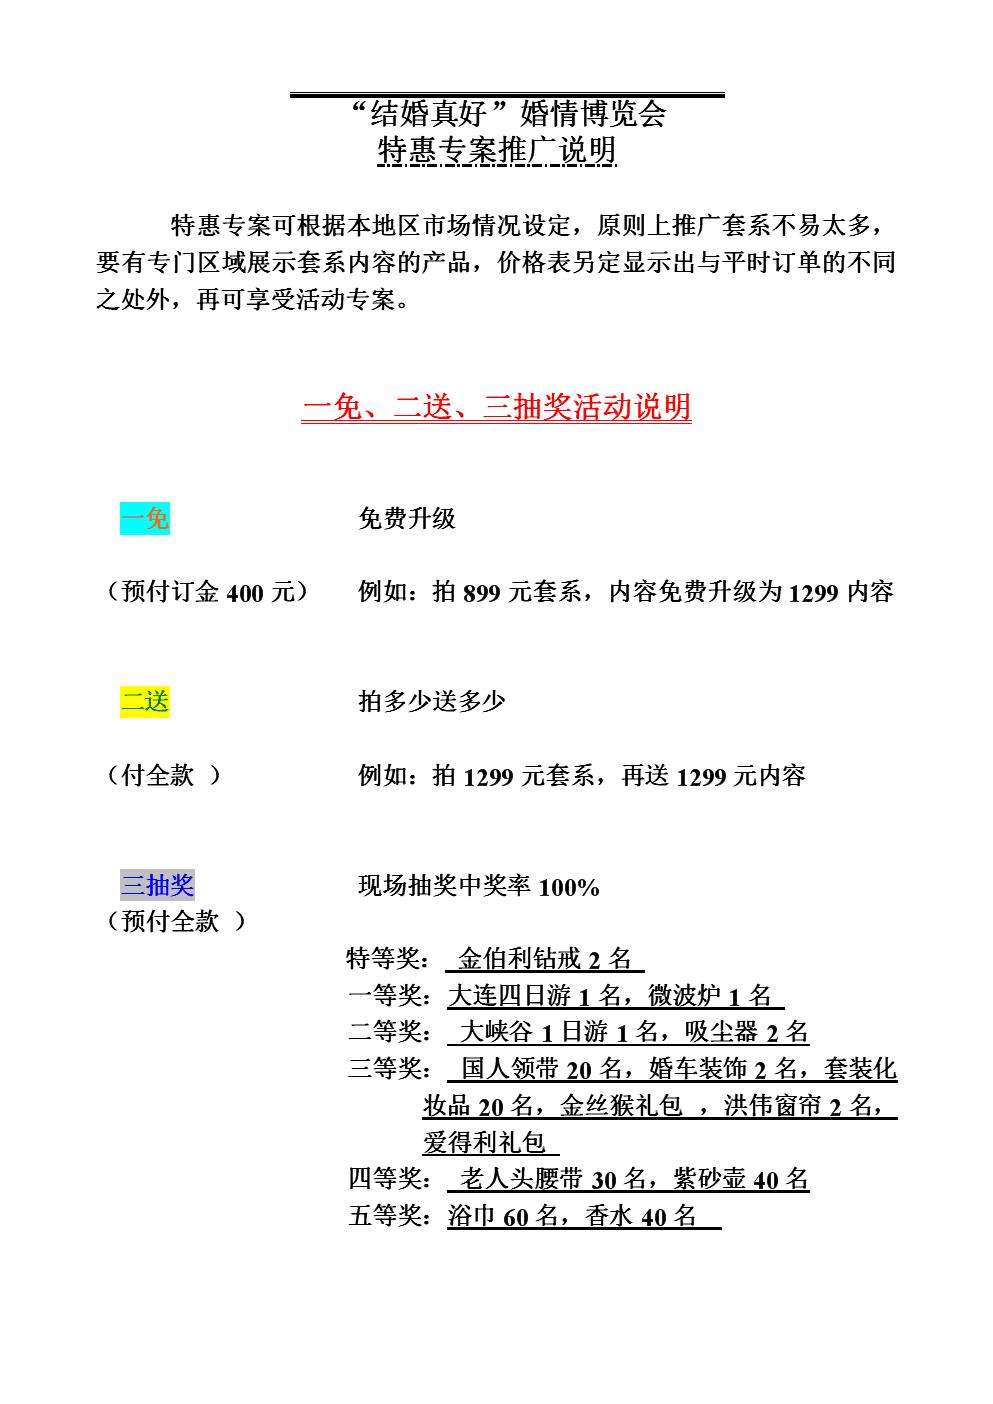 9、特惠专案推广说明.doc